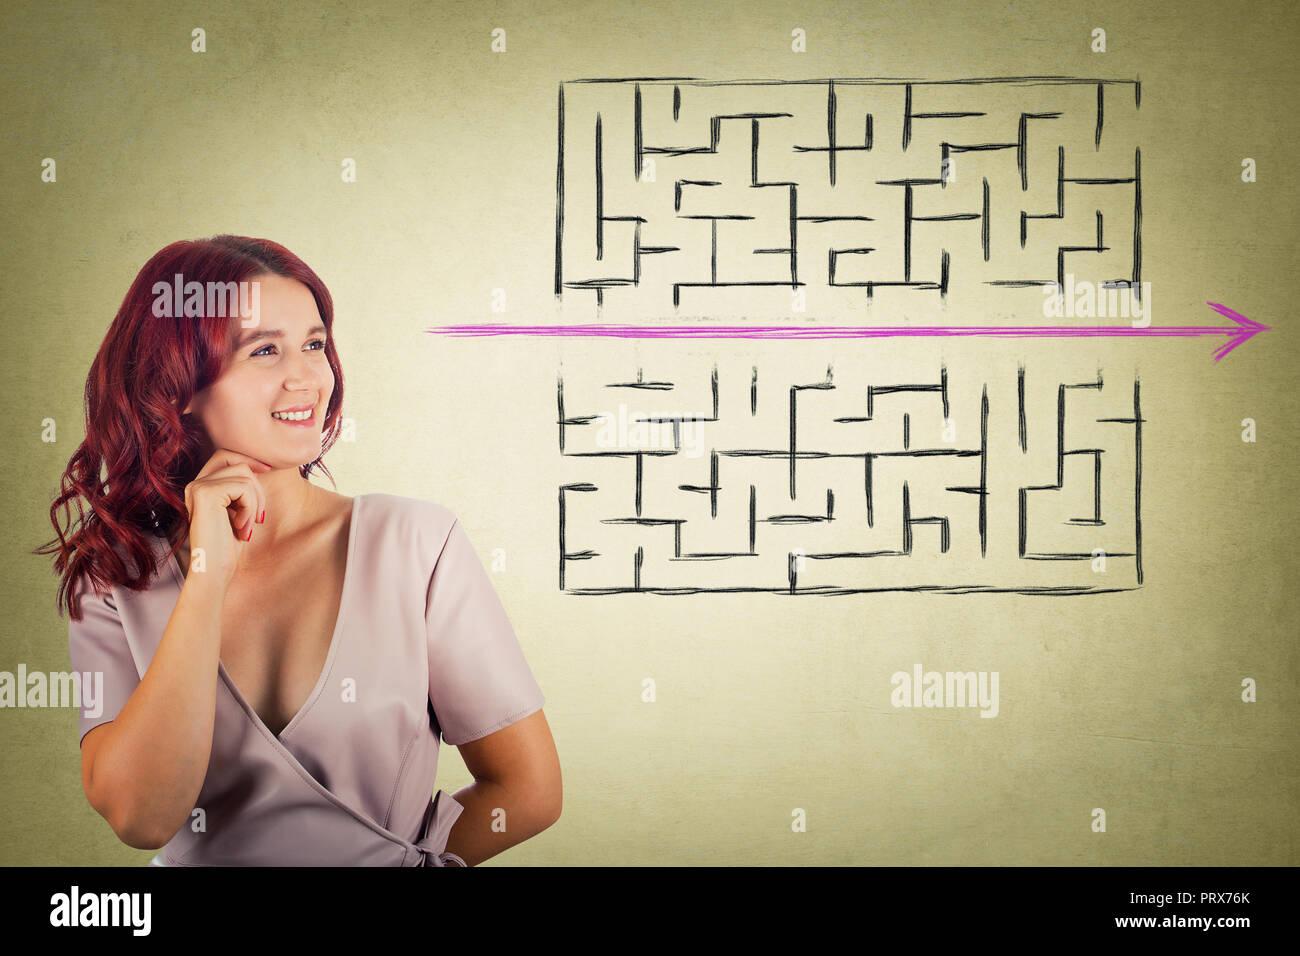 Junge rothaarige nachdenkliche Frau mit der Hand unter das Kinn nachdenklich auf der Suche einer Lösung aus dem Labyrinth zu entkommen zu finden. Junge Geschäftsfrau brechen die Regeln, Stockbild